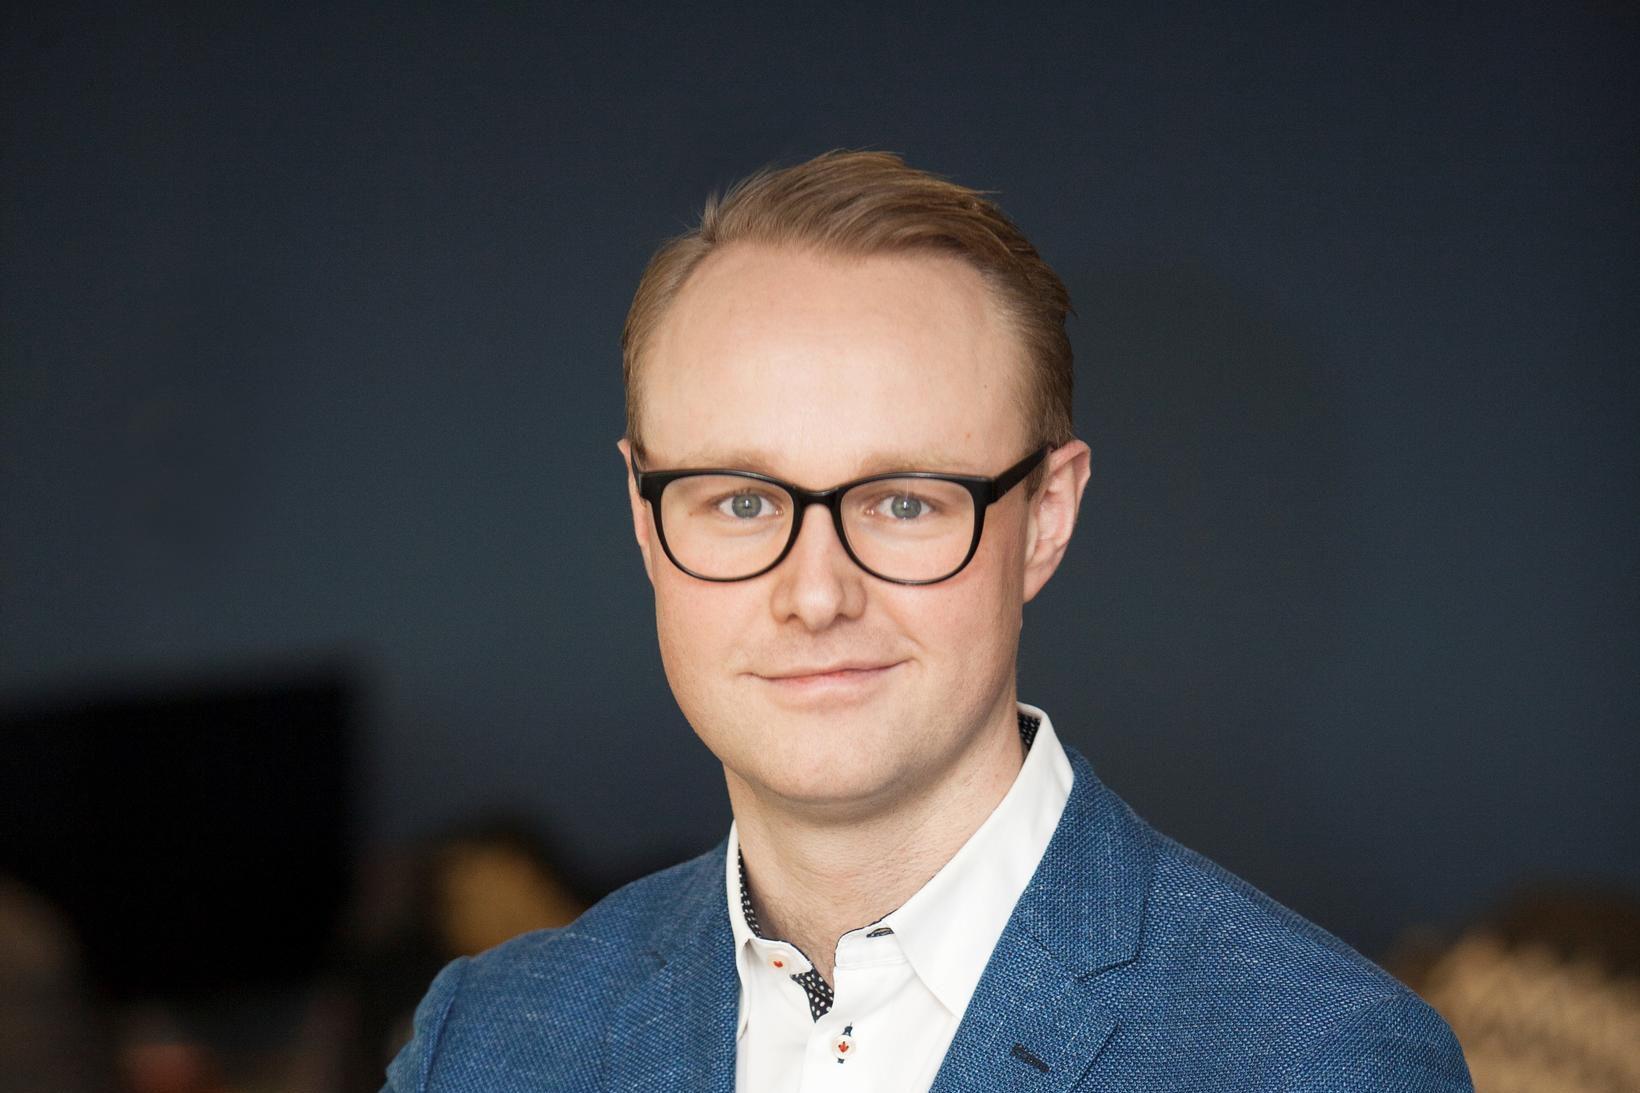 Ólafur Örn Nielsen hefur verið ráðinn aðstoðarforstjóri Opinna kerfa.